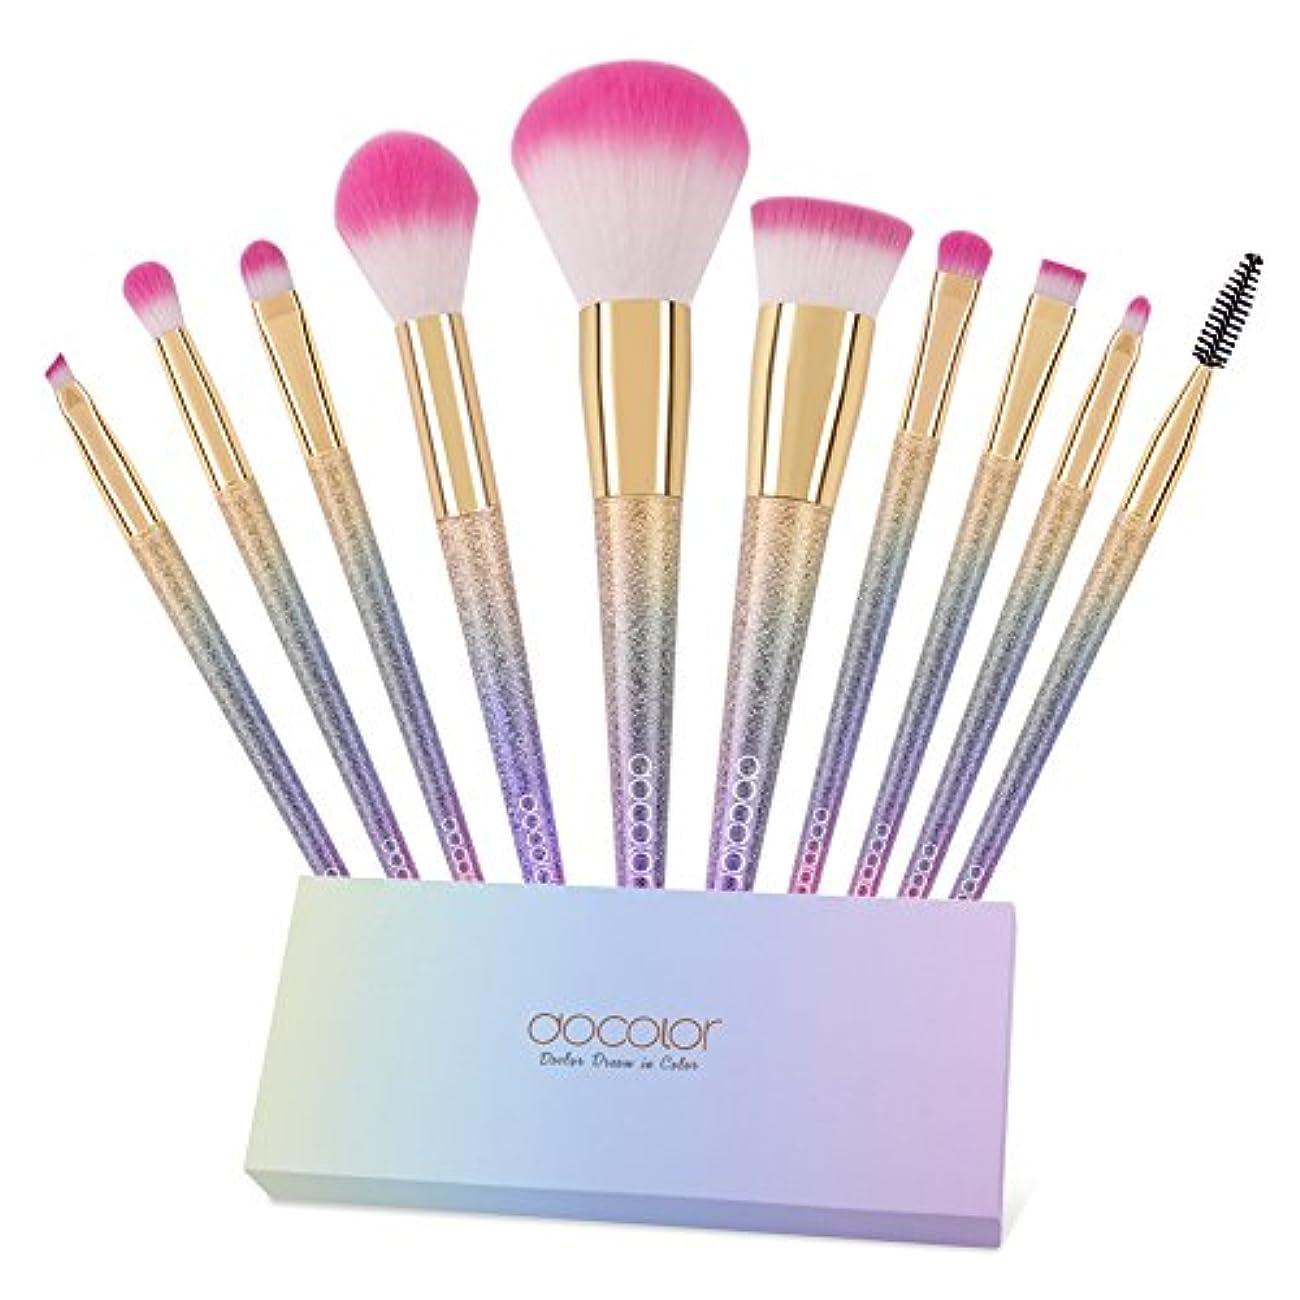 不毛のとても火ドゥカラー Docolor 化粧筆 メイクブラシ 10本セット 欧米で話題のレインボーブラシ 同時発売で日本に登場